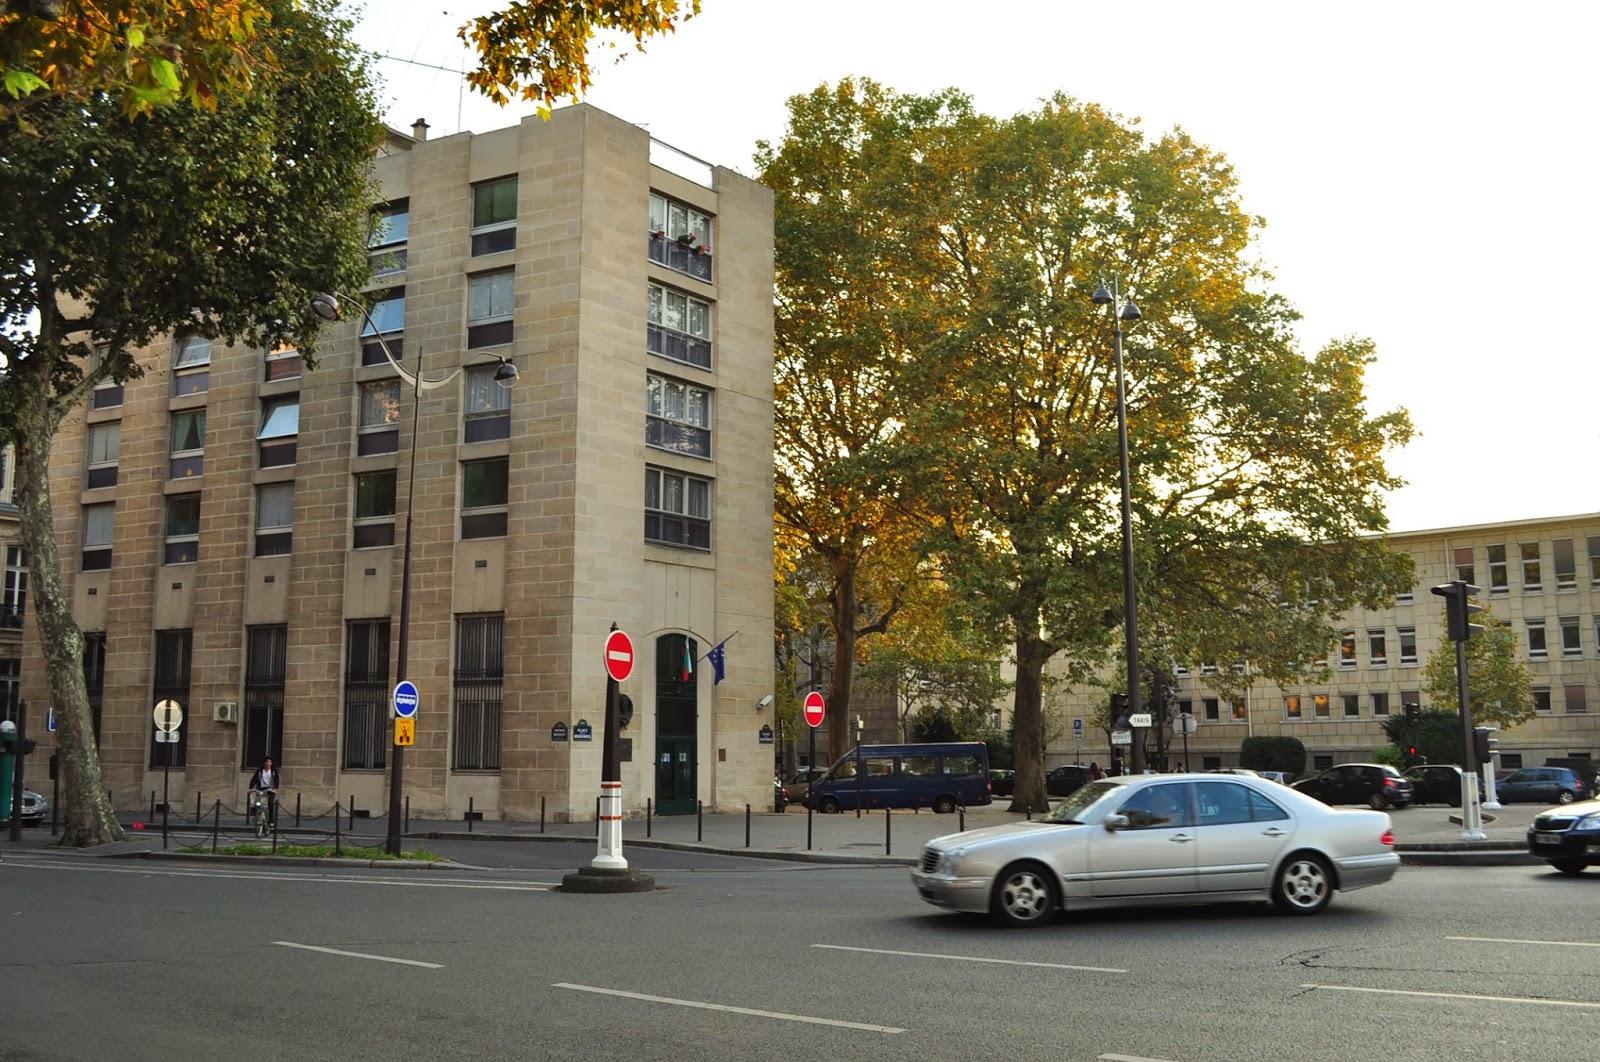 Българското посолство се намира в центъра, точно срещу Pont de l'Alma в чийто тунел намери смъртта си принцеса Даяна.